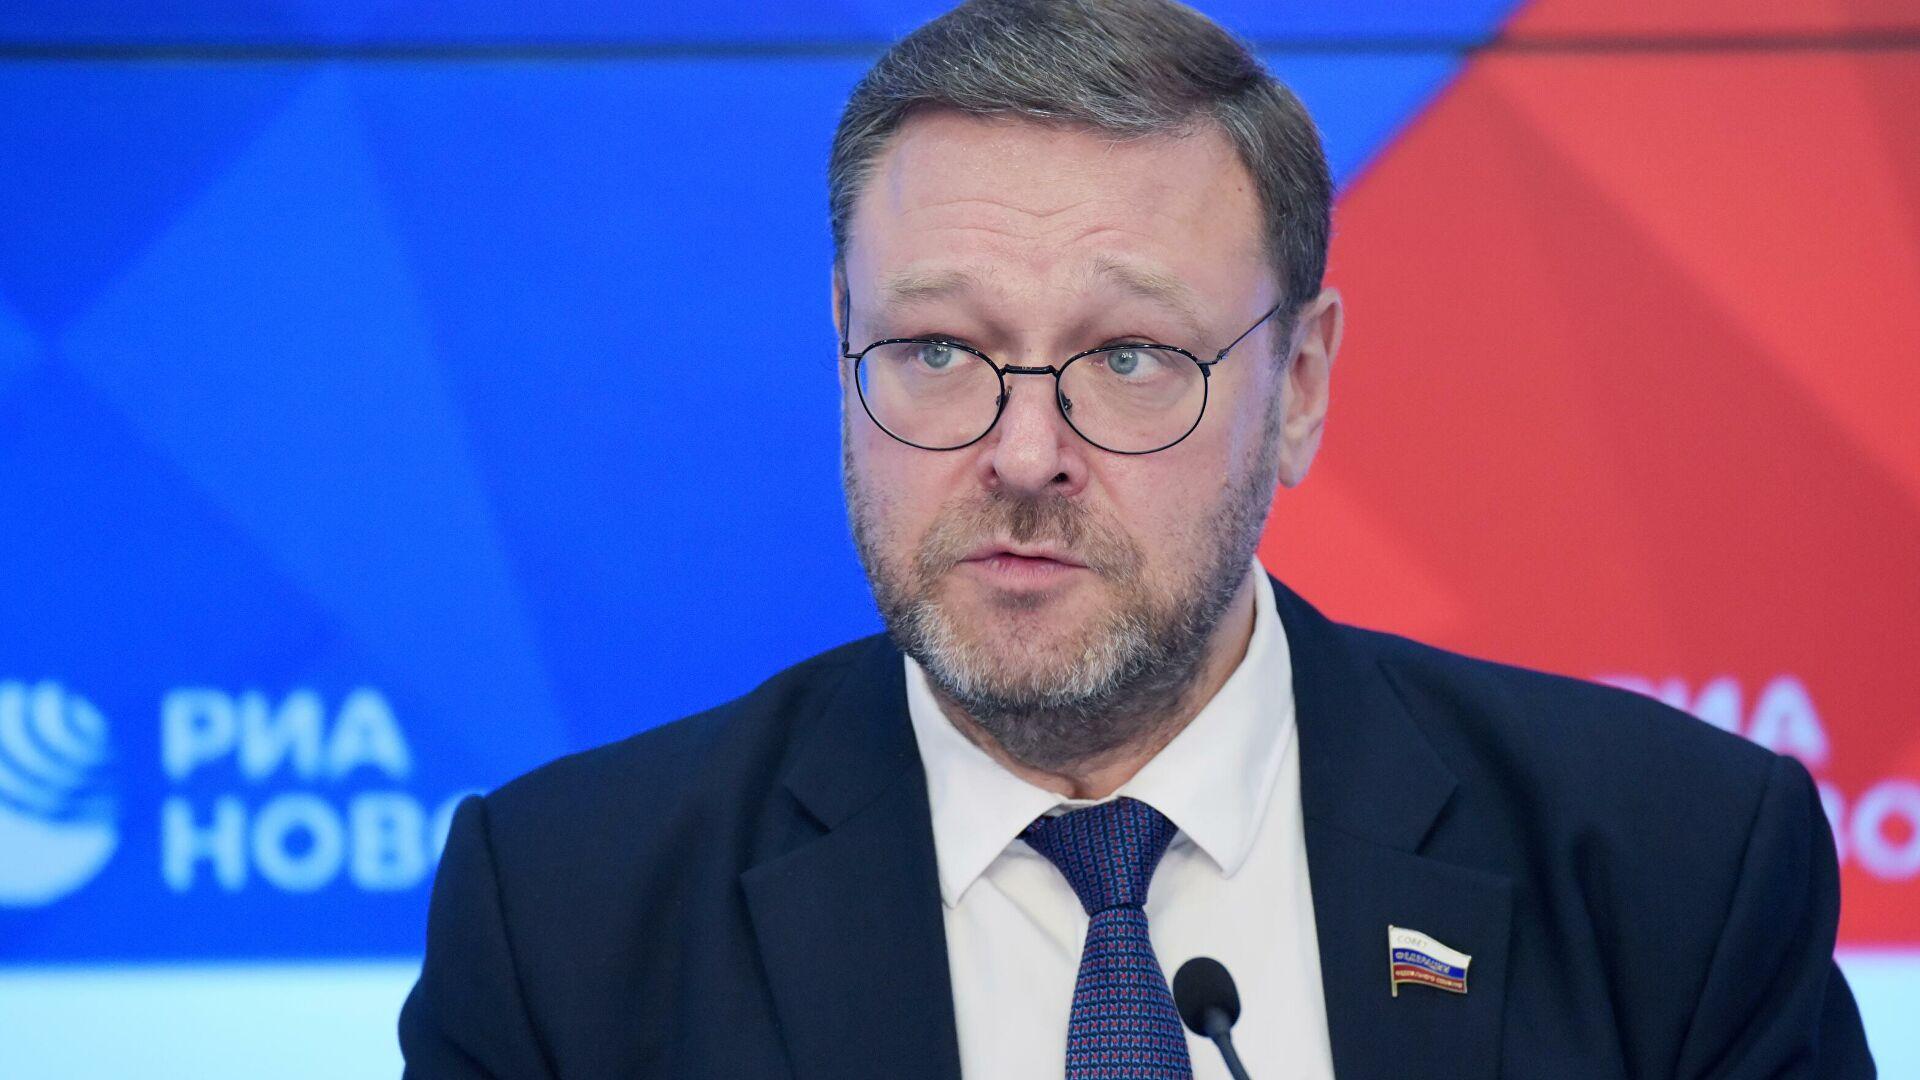 Kosačov: Bajden je čovek koji je vrlo radikalan, kategoričan i veoma negativno raspoložen prema Rusiji